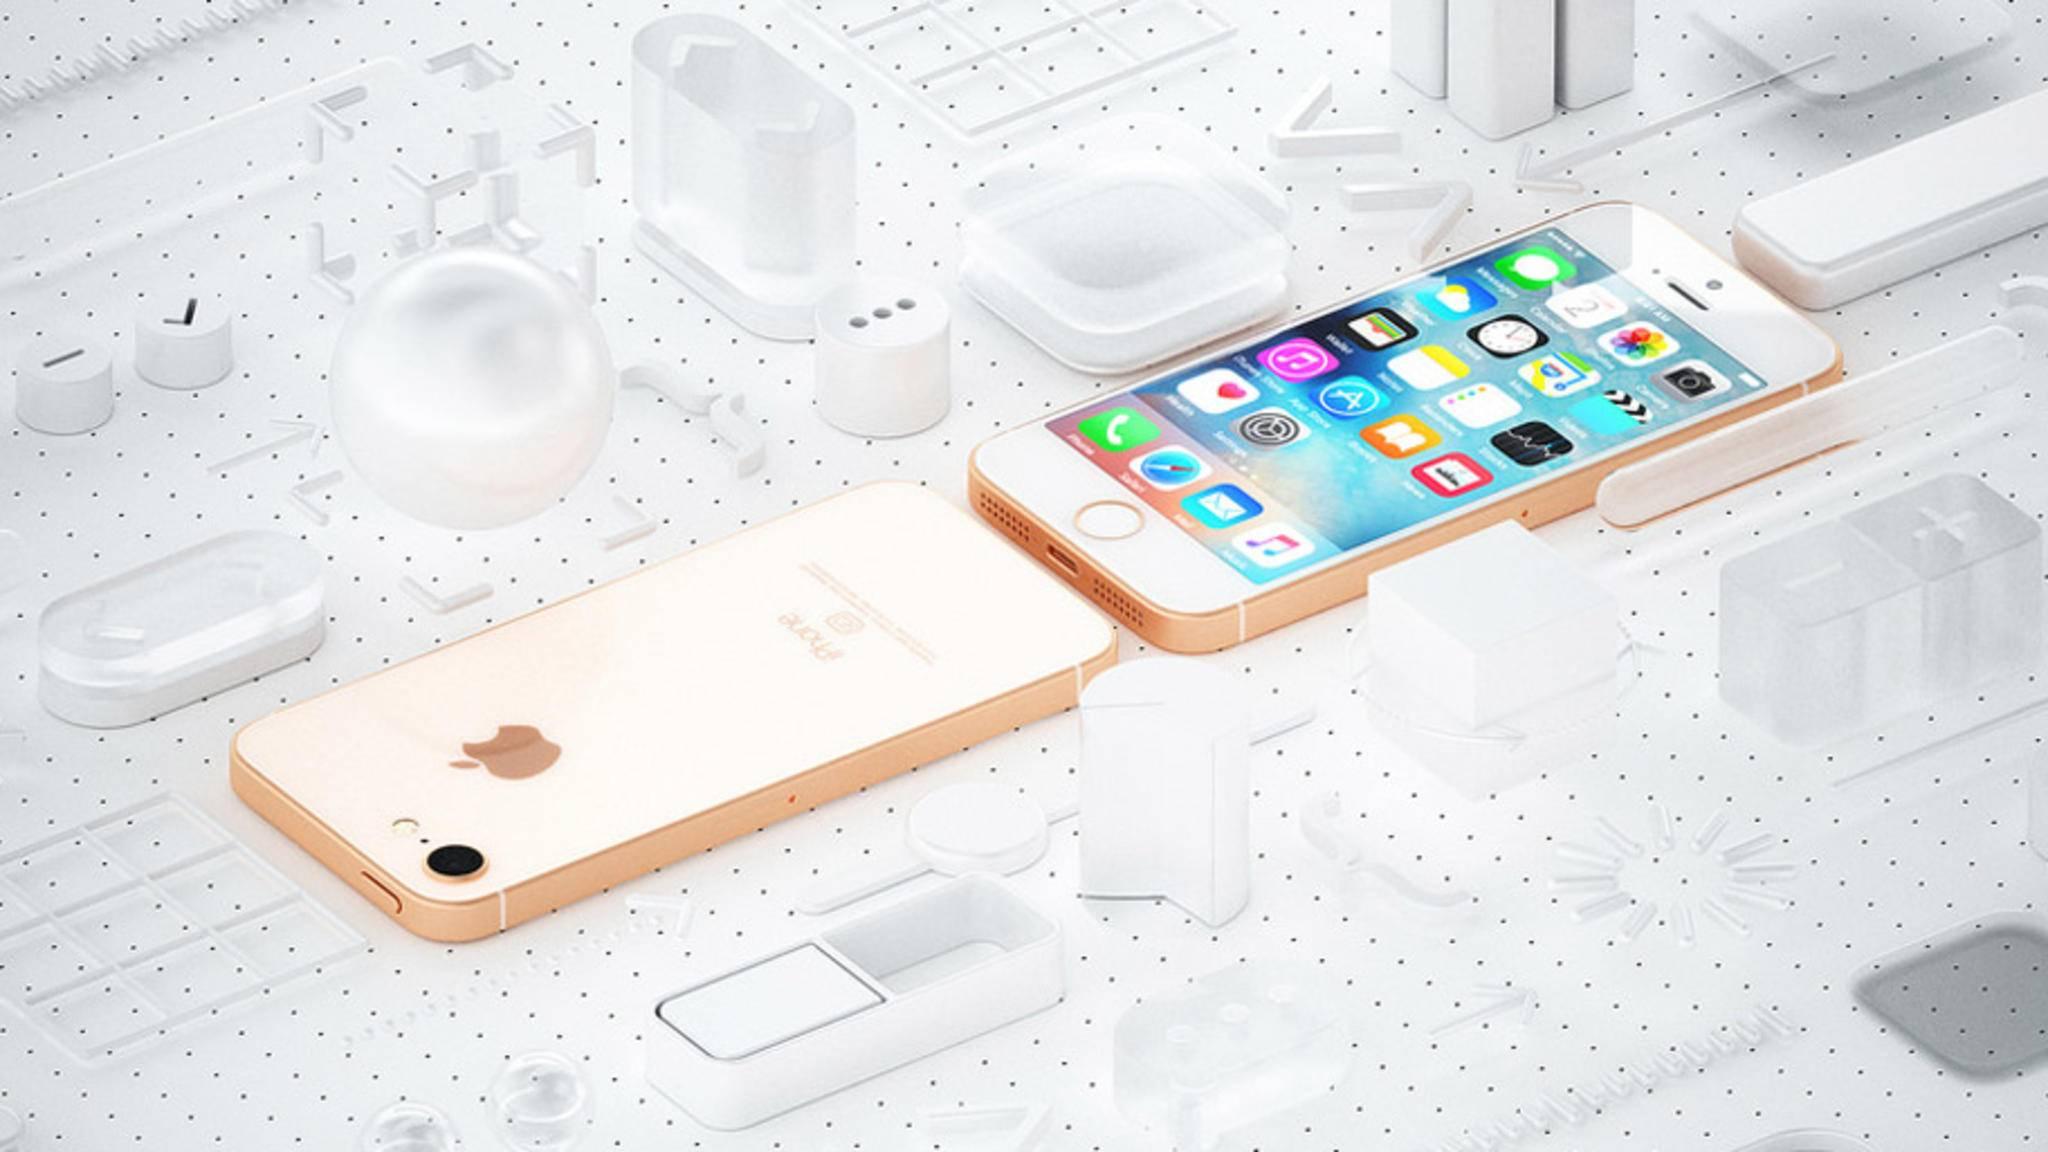 Wird es jemals ein iPhone SE 2 geben?